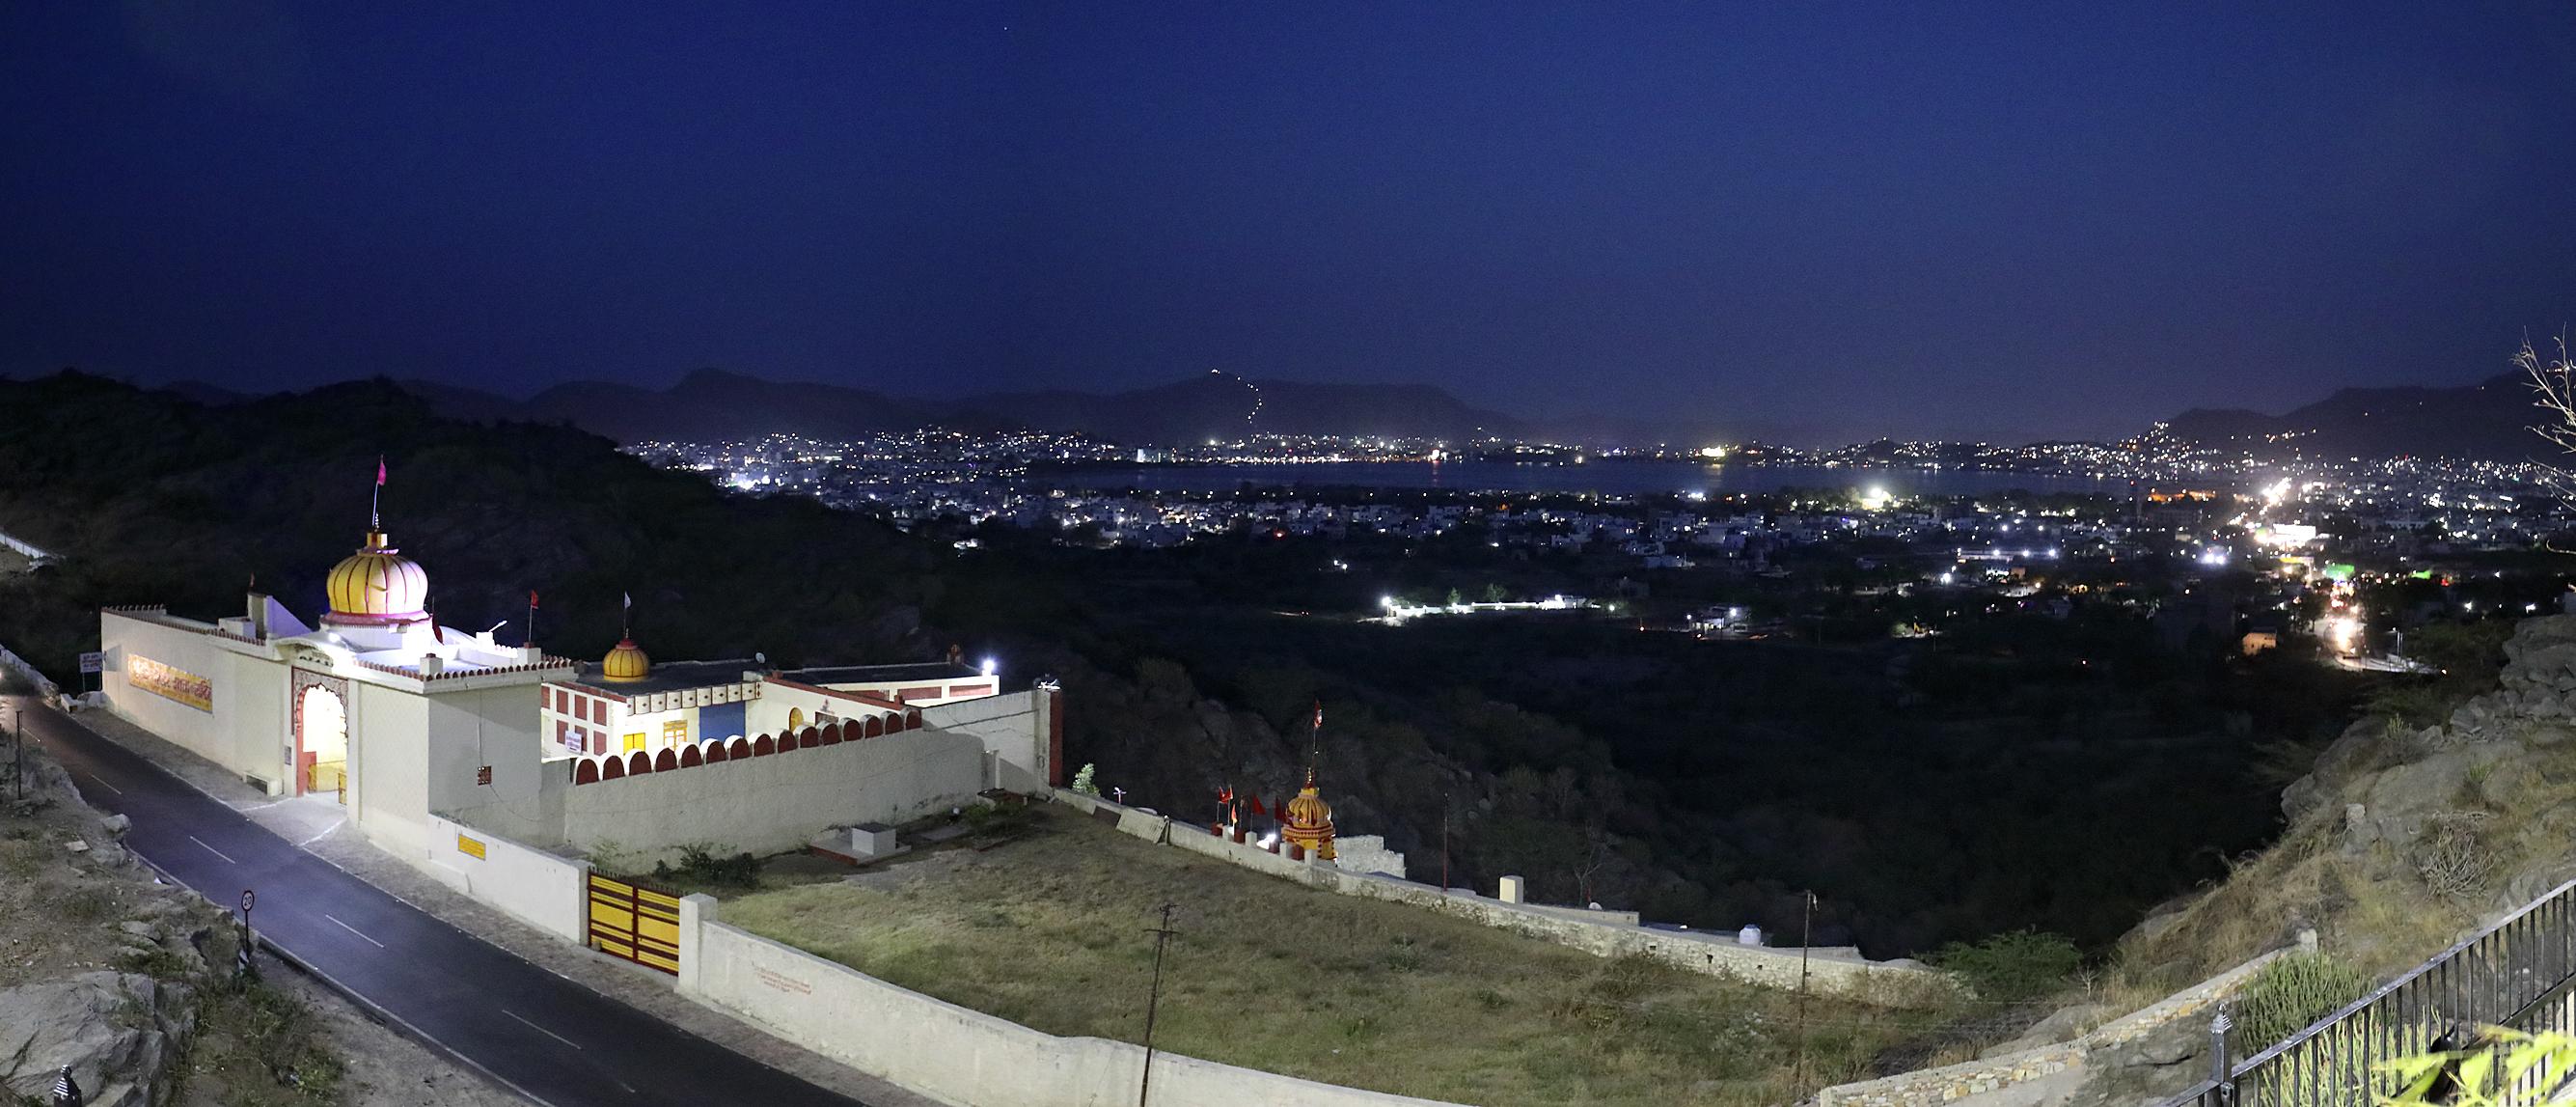 Панорама_Пушкар ночью 4